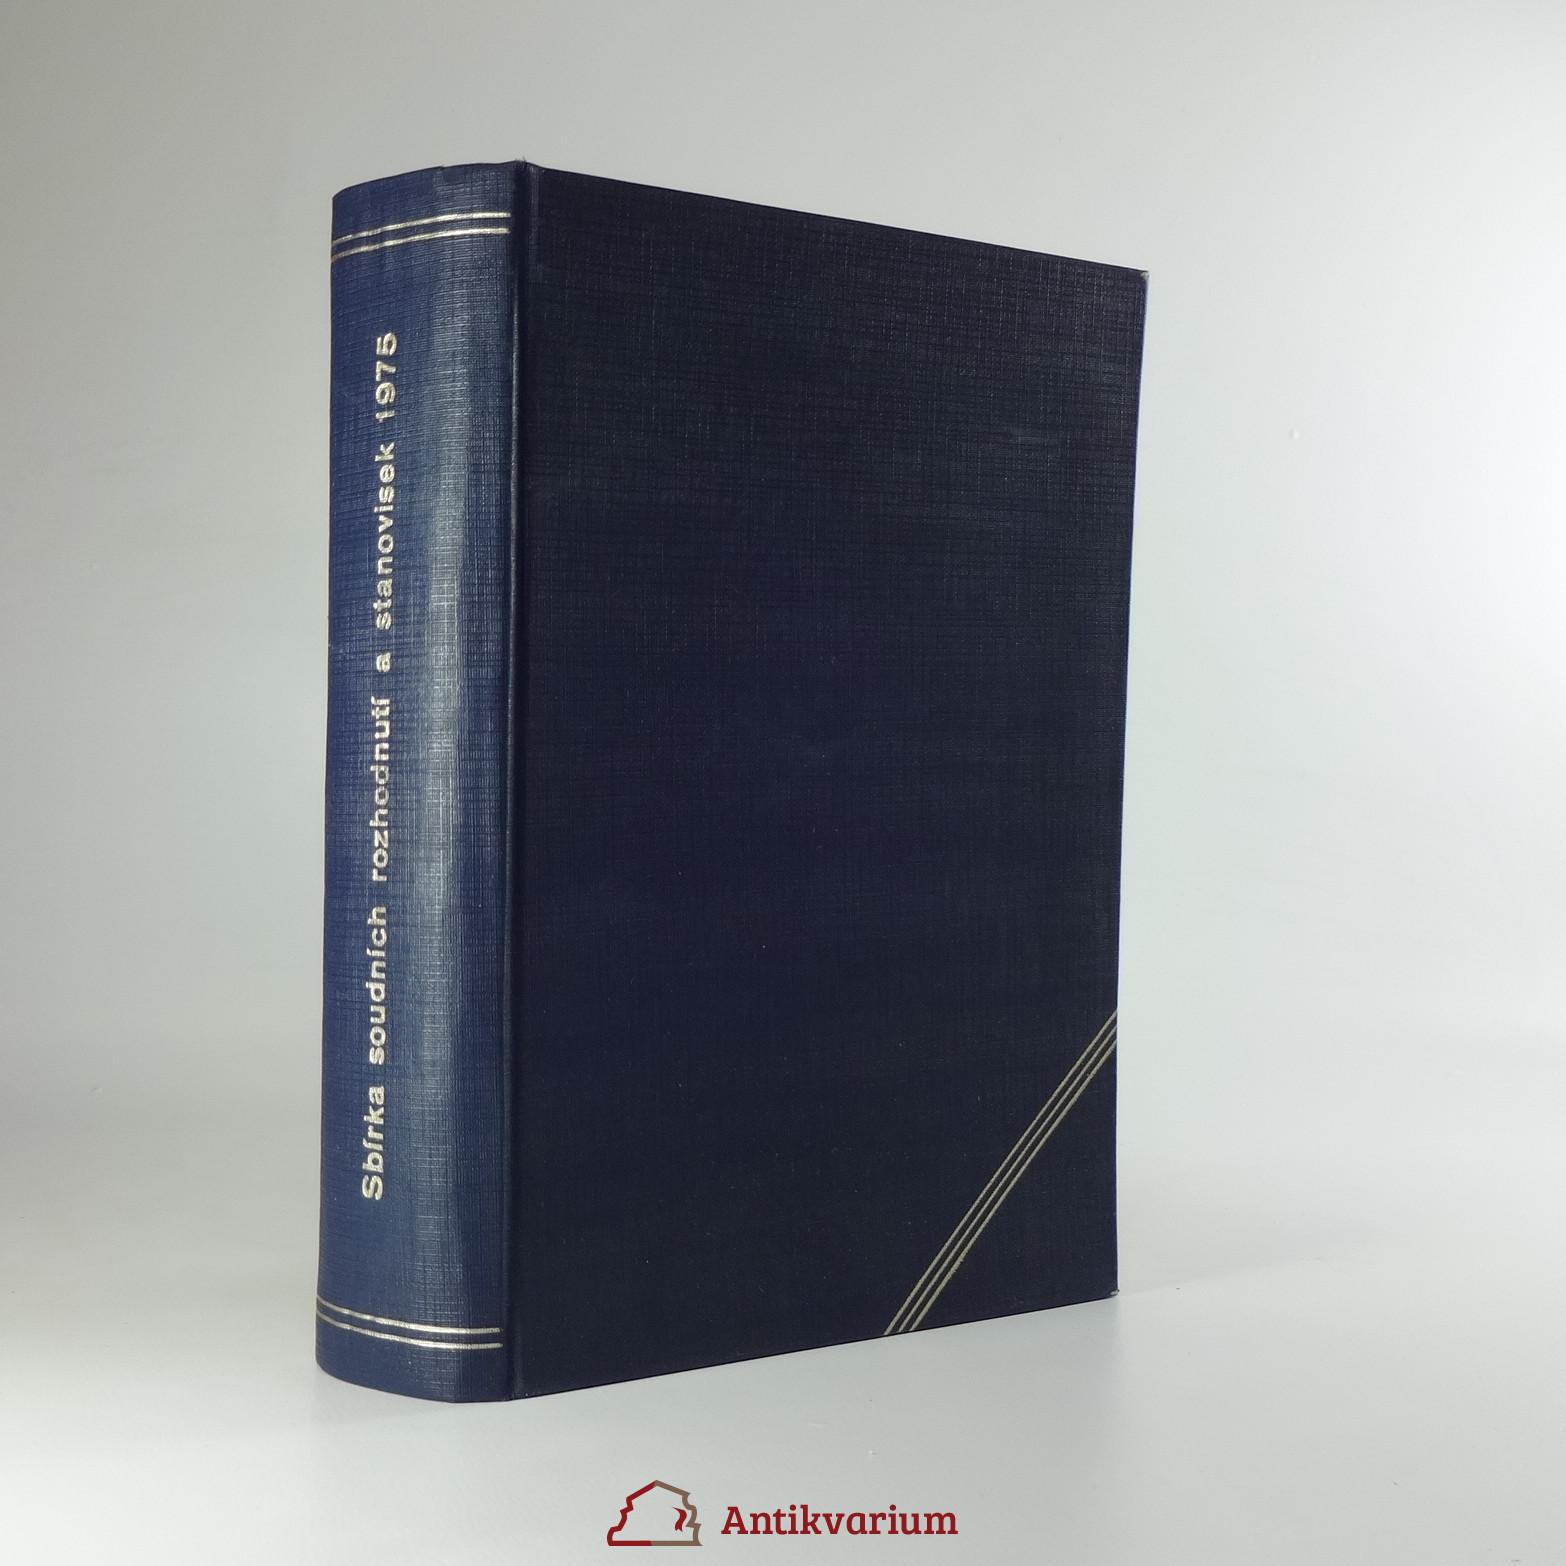 antikvární kniha Sbírka soudních rozhodnutí a stanovisek. Ročník 1975, 1975